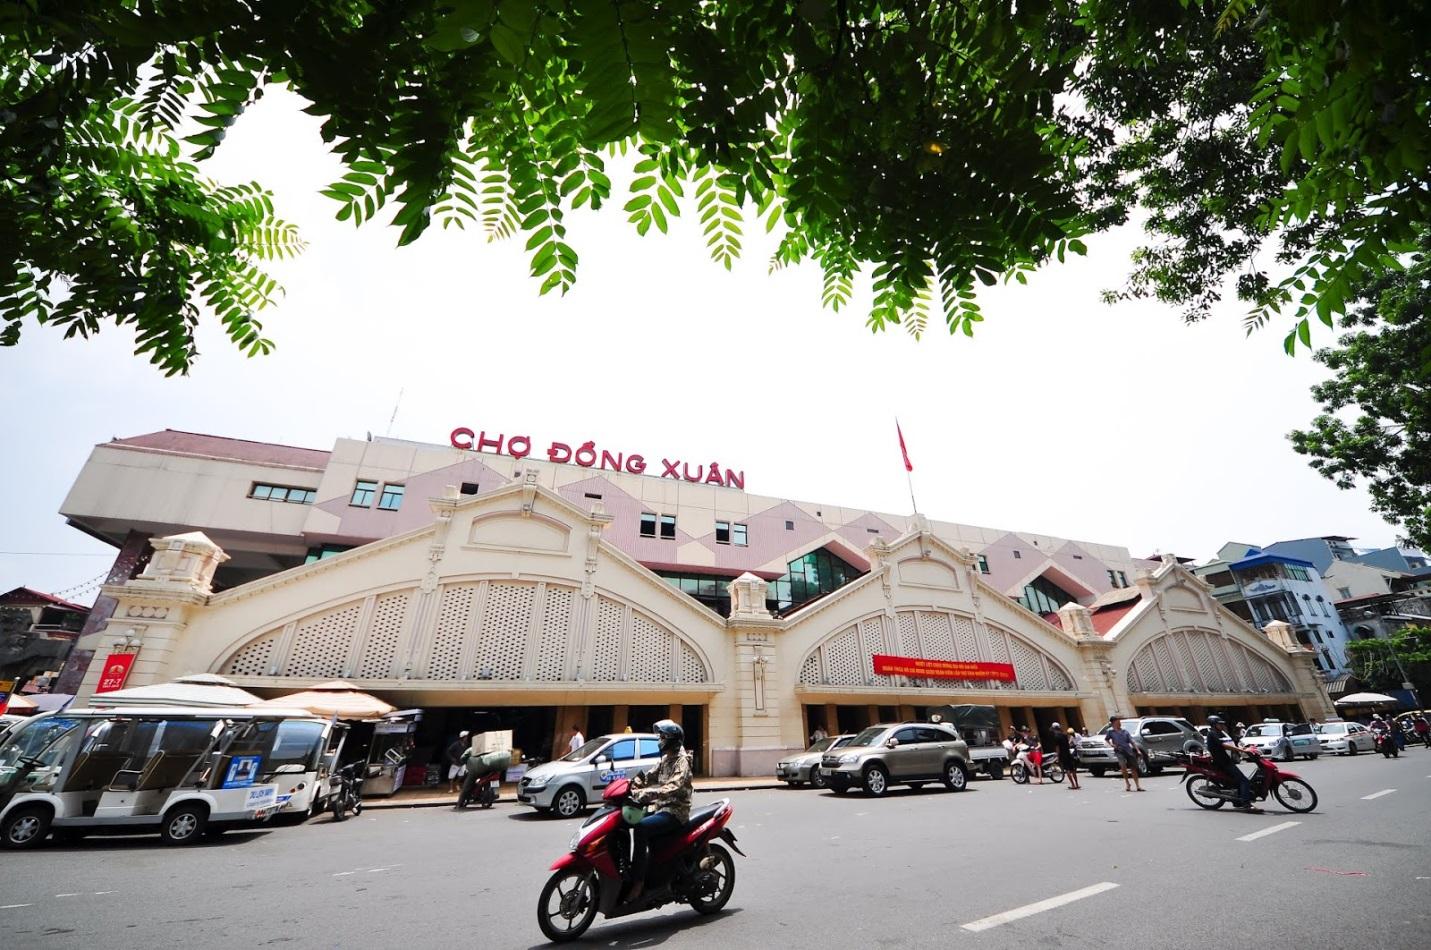 Khám phá những khu chợ đầu mối lớn nhất Việt Nam - Ảnh 2.